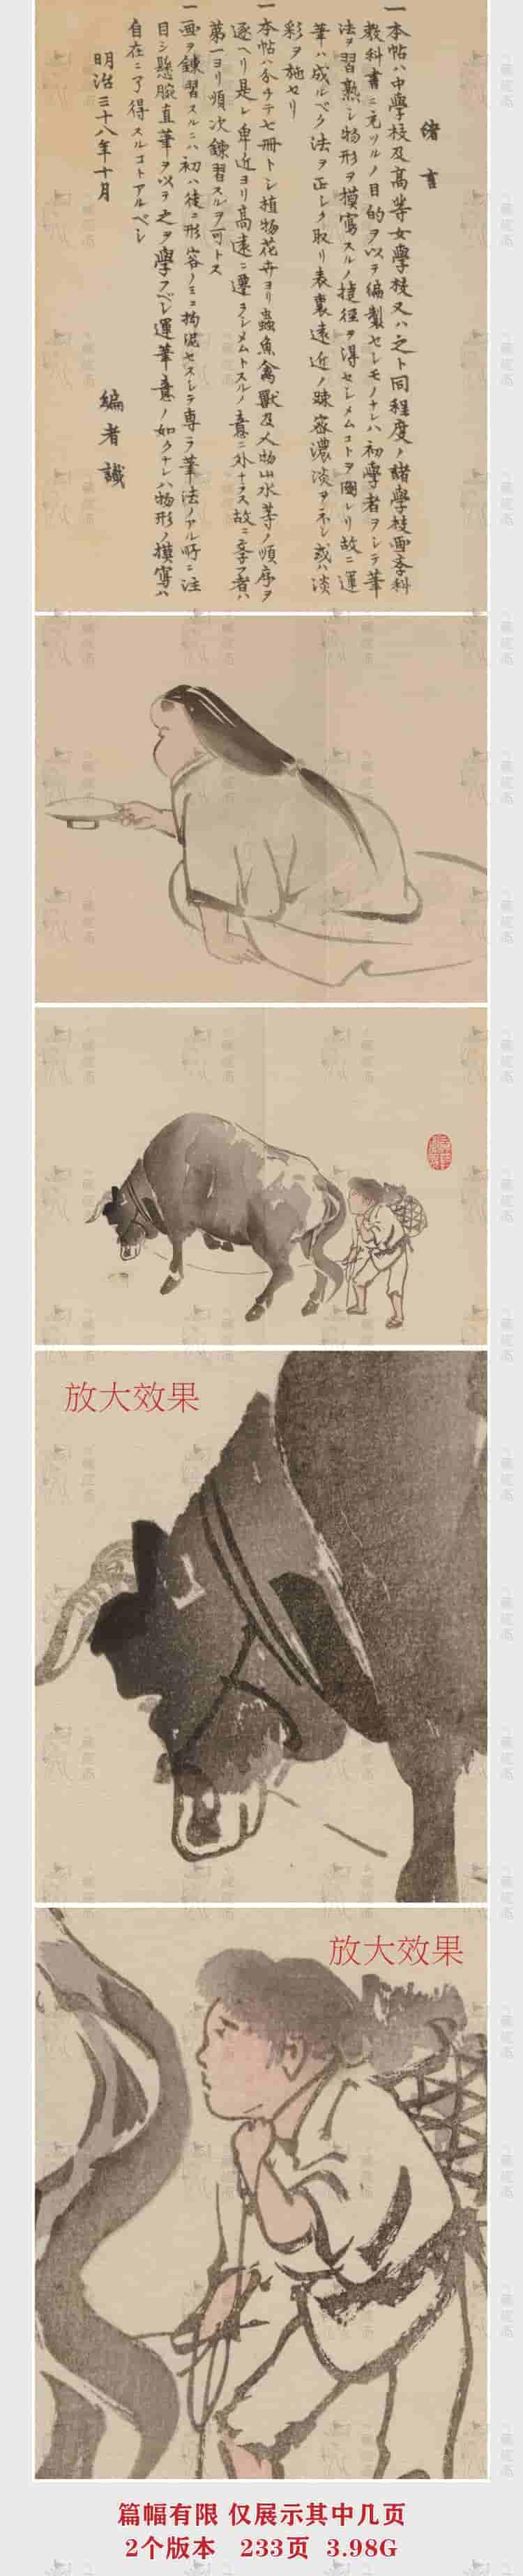 今尾景年花鸟画谱/手抄本古籍美术国画高清设计素材PDF电子版5501插图5